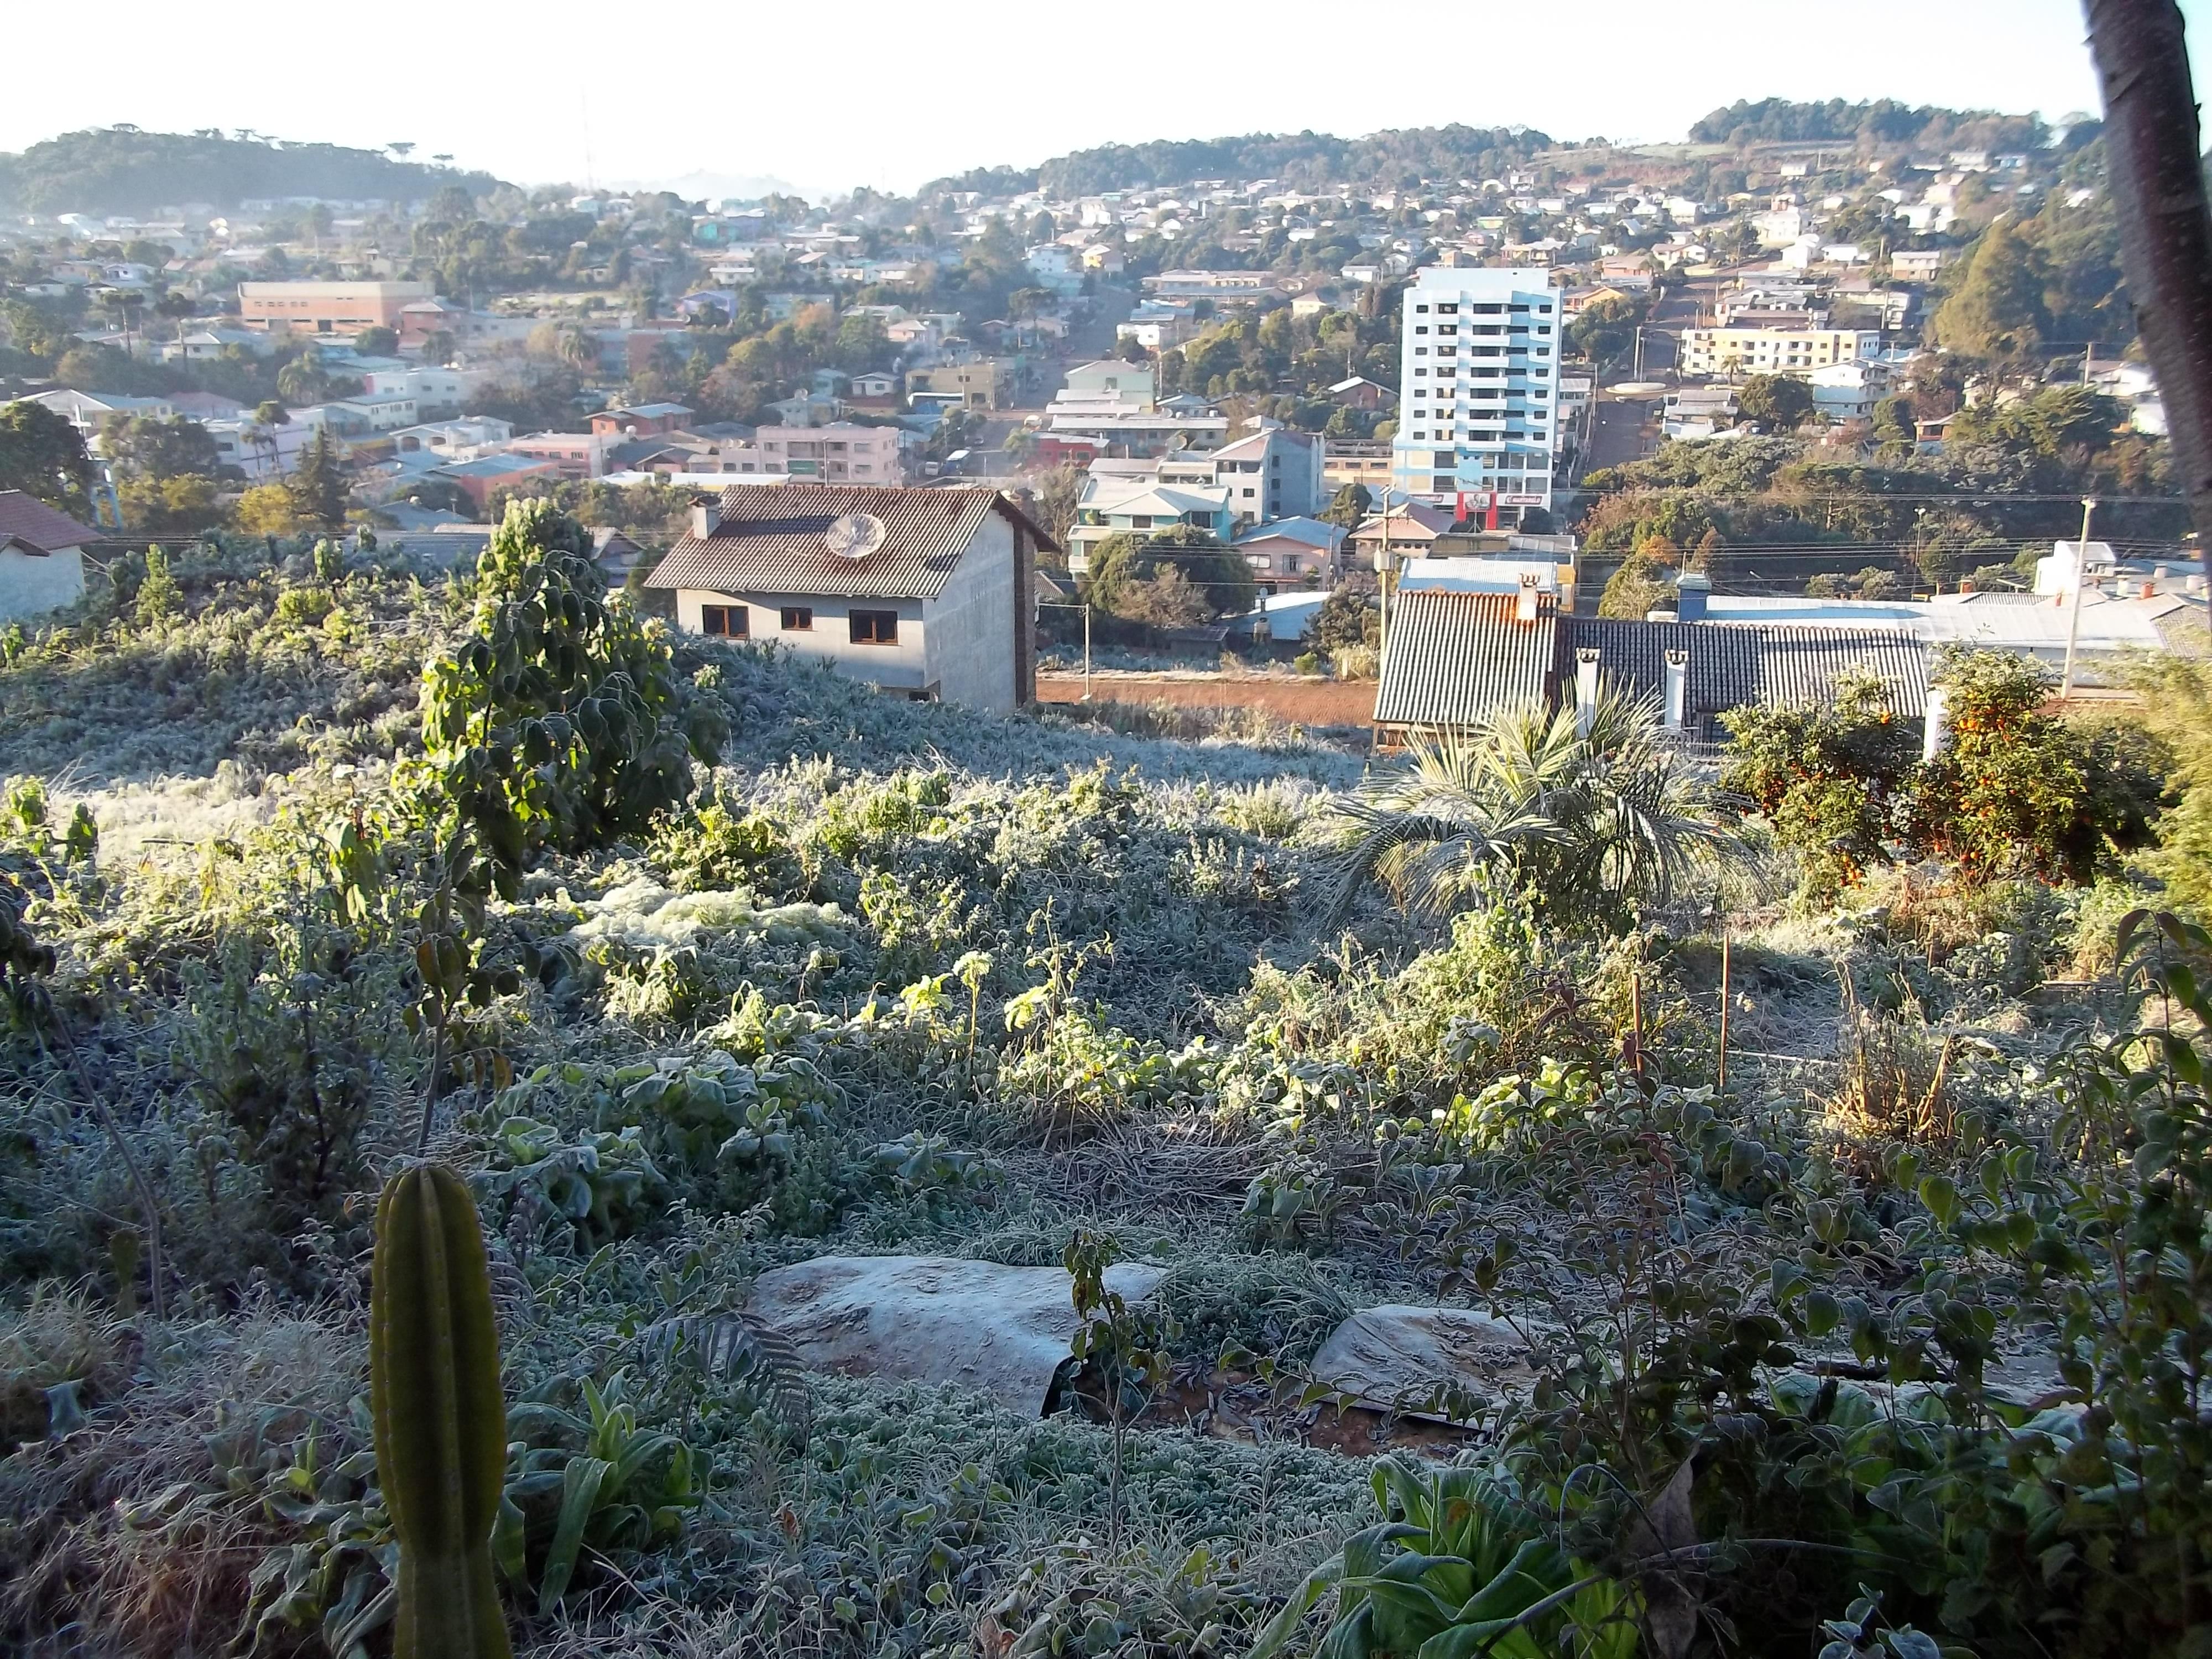 São José do Ouro Rio Grande do Sul fonte: upload.wikimedia.org